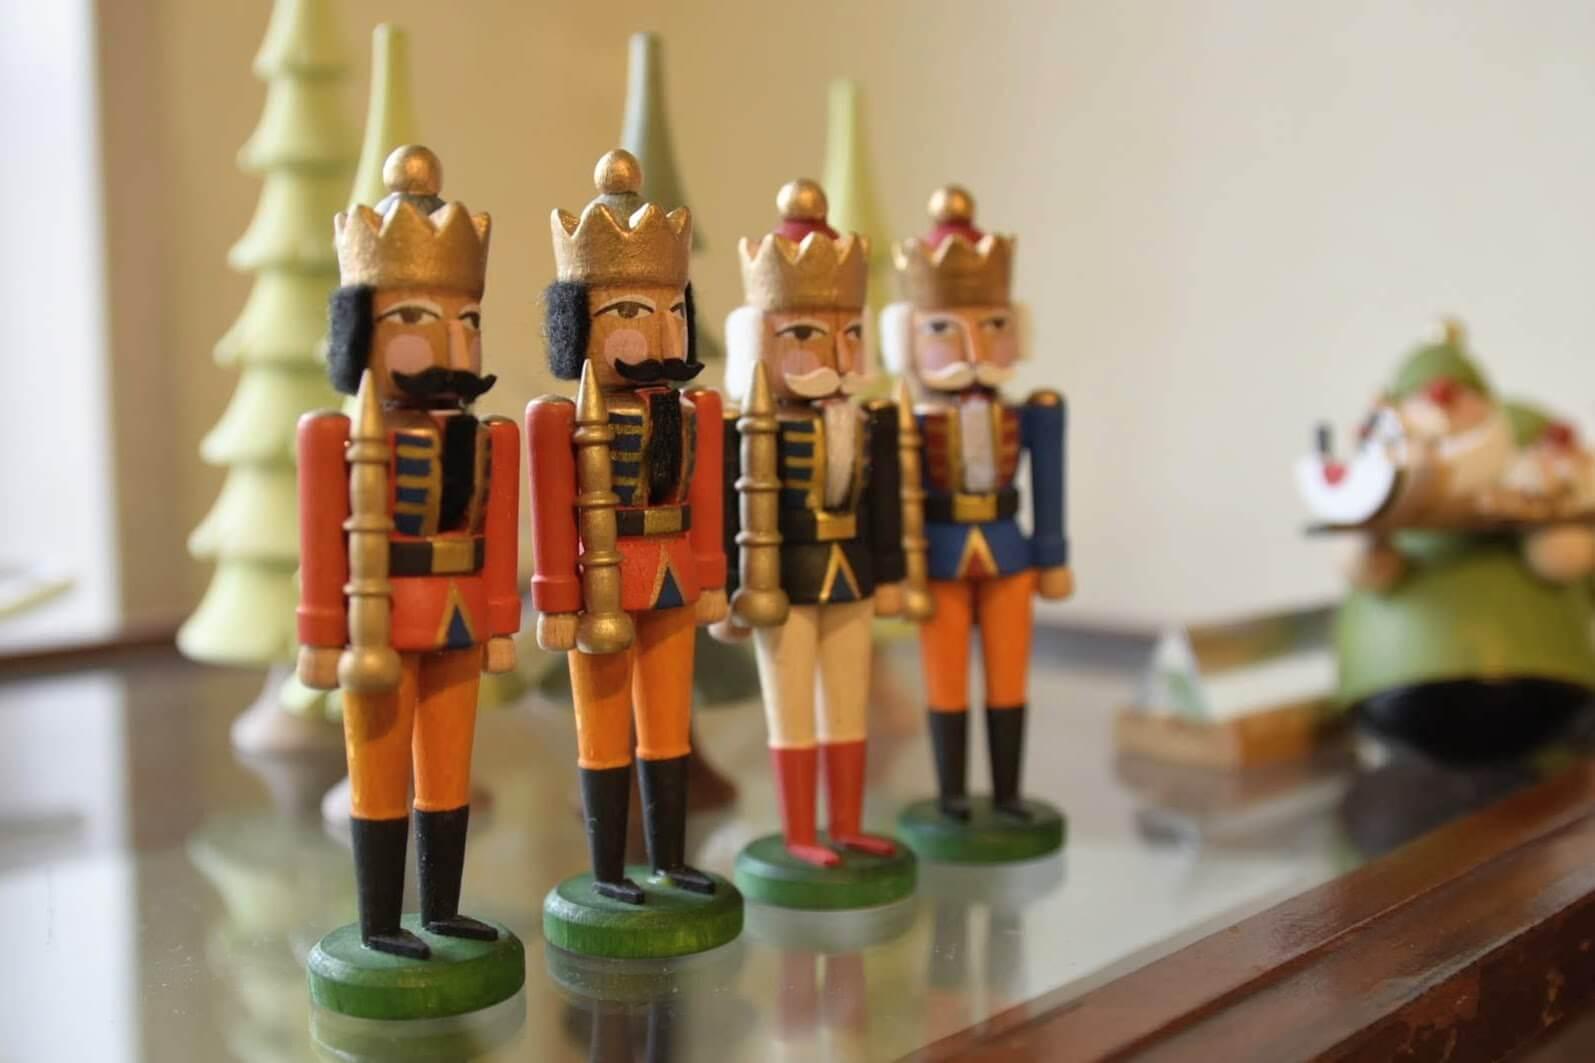 ドイツの伝統工芸品「くるみ割り人形」